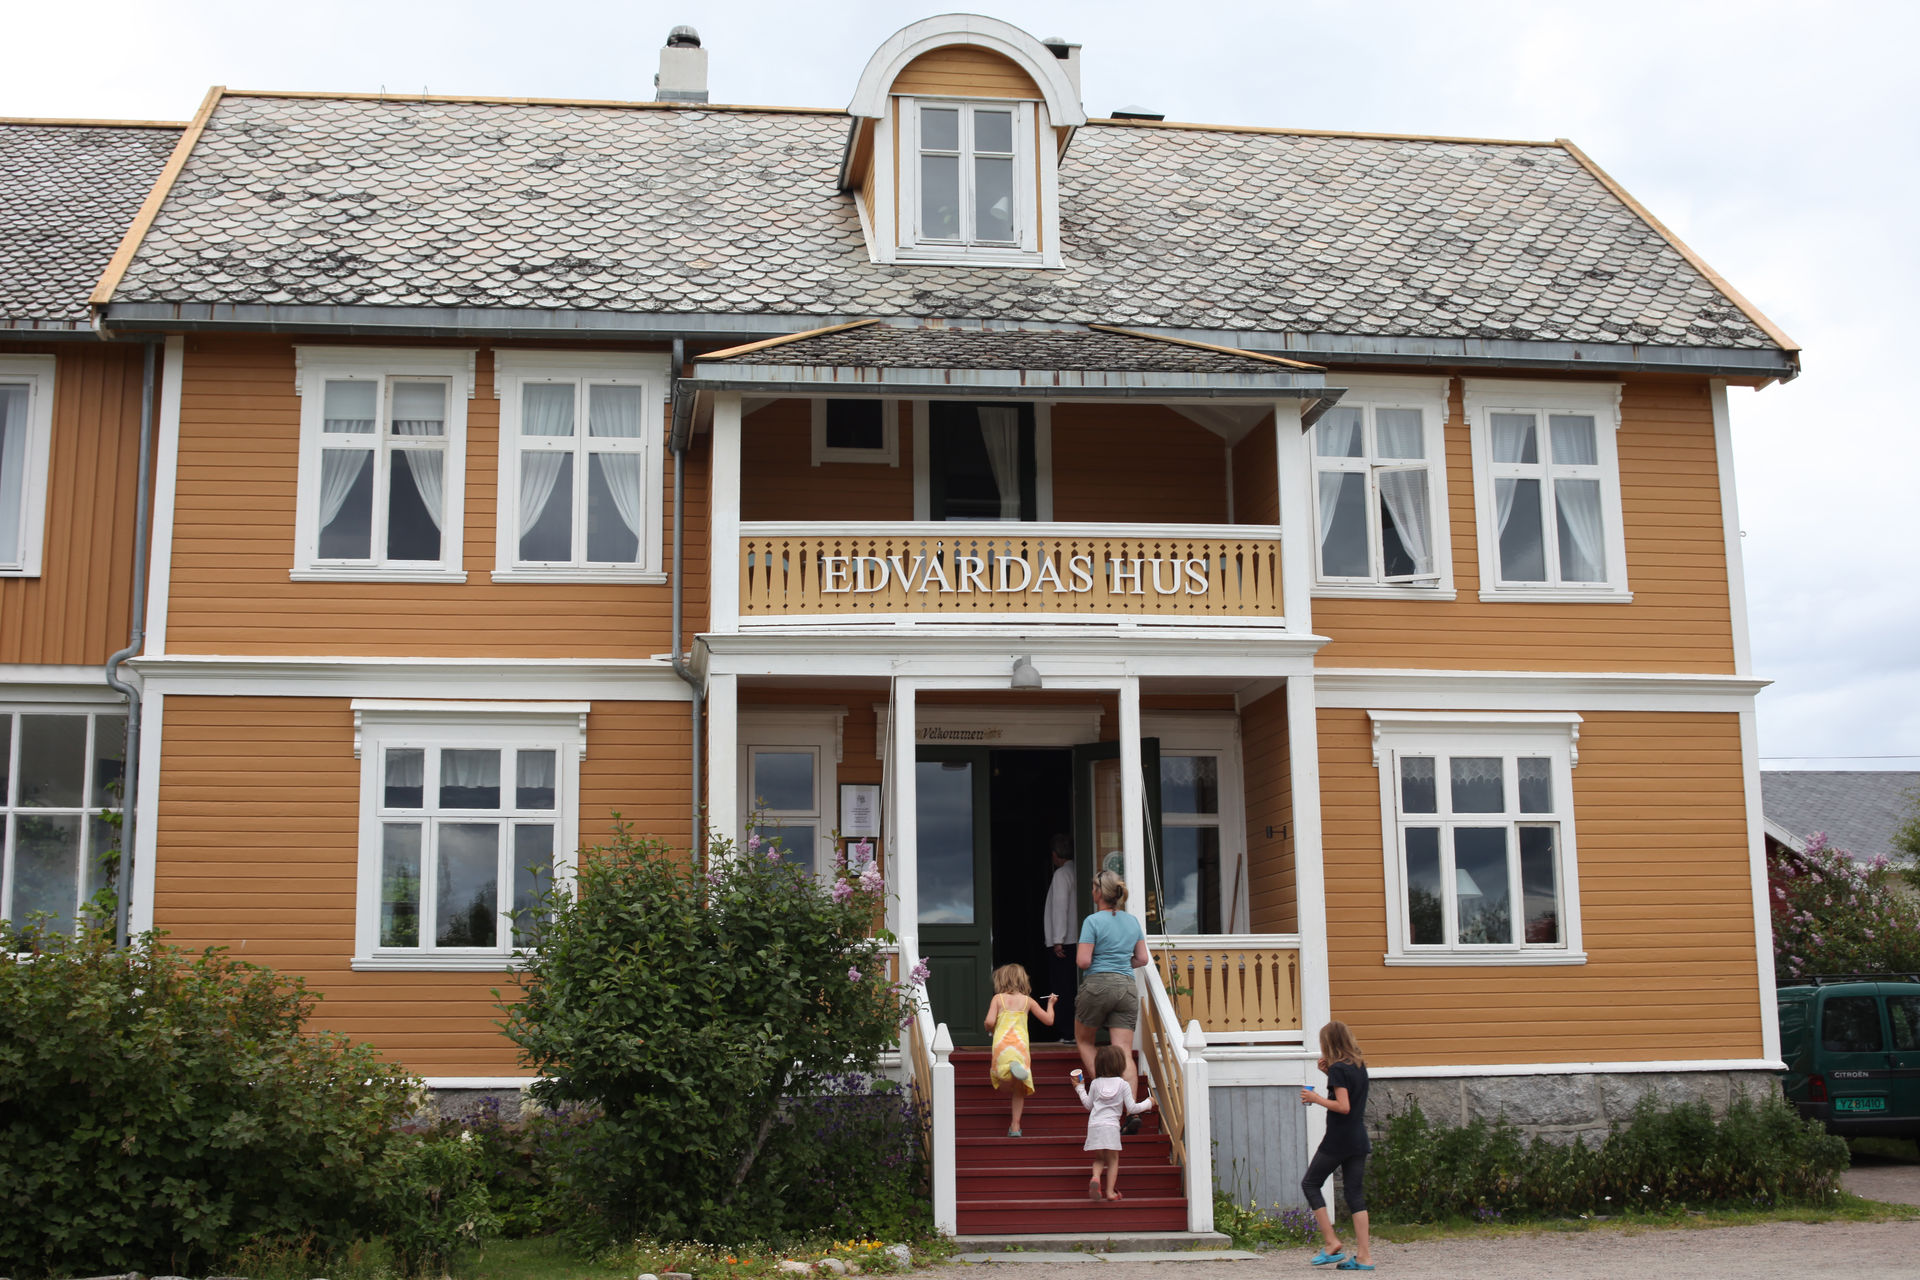 Edvardas hus på Hamarøy (c) Roger Johansen